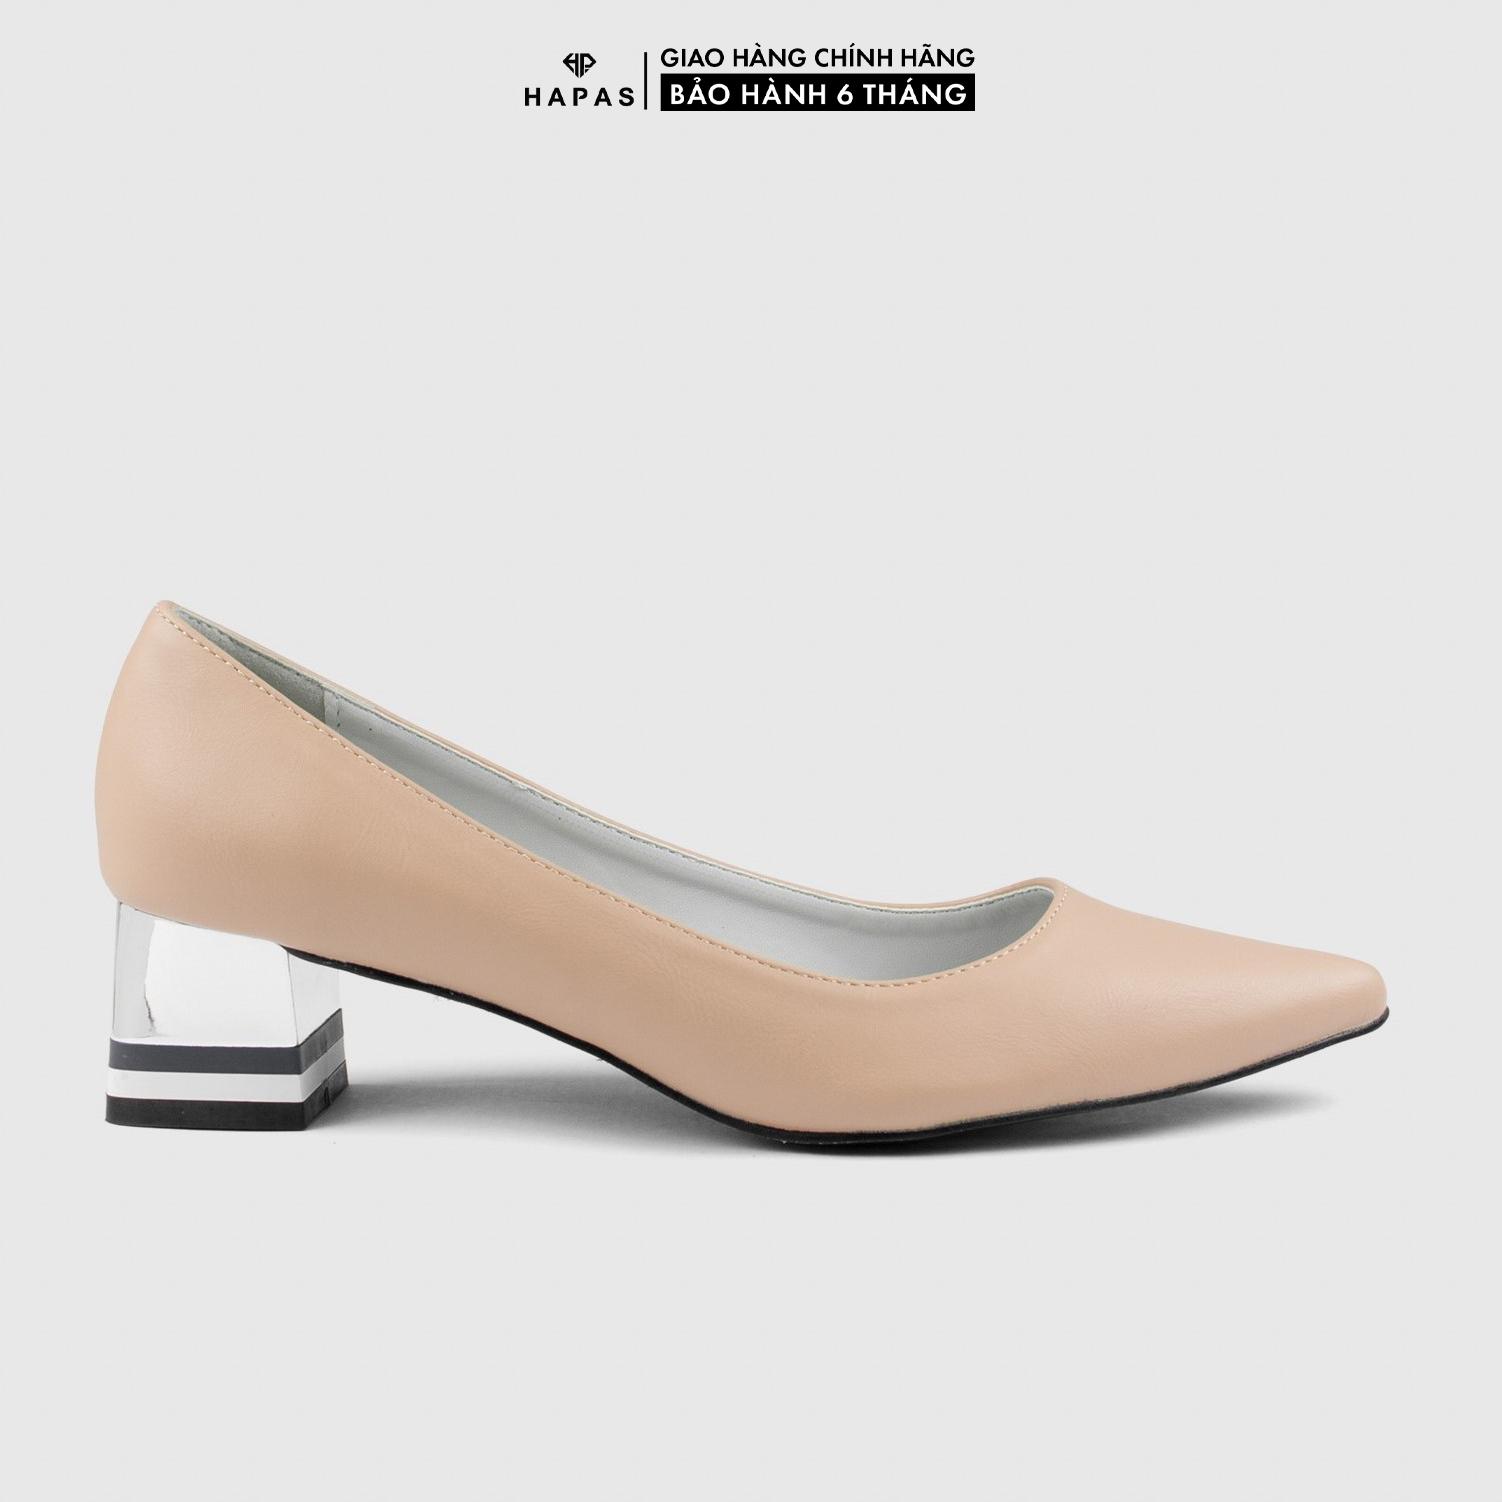 Giày Cao Gót Nữ Đế Vuông Da Mờ 5Phân HAPAS - CG5543